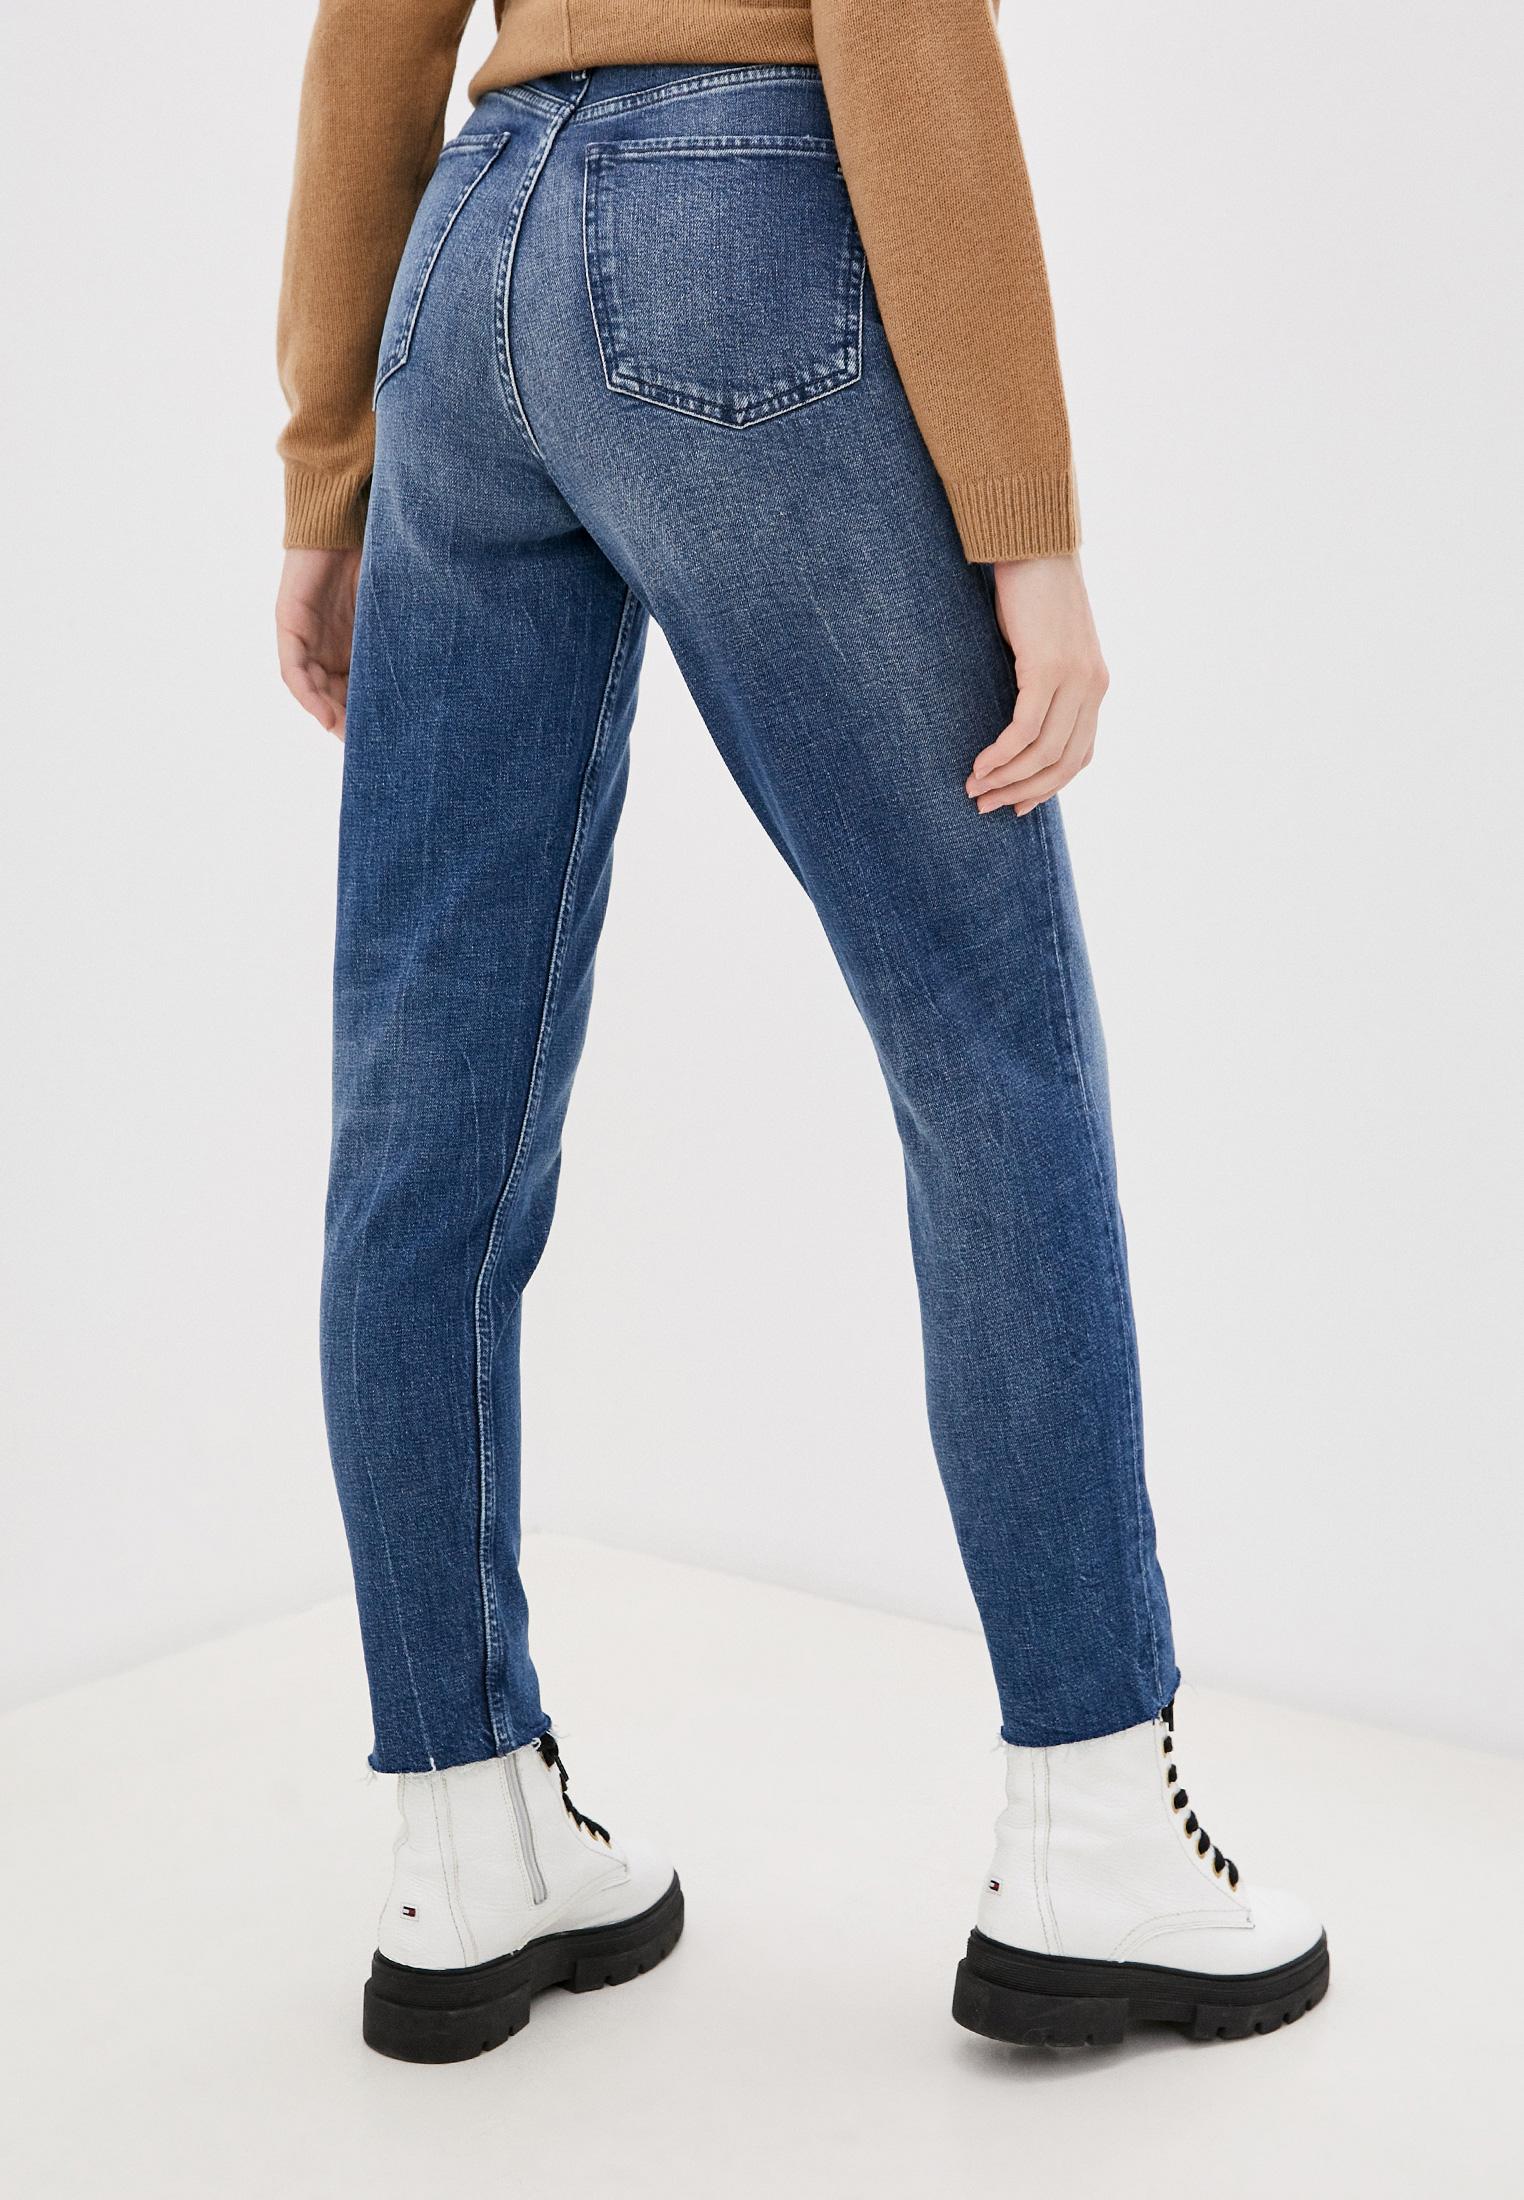 Зауженные джинсы Tommy Hilfiger (Томми Хилфигер) WW0WW29328: изображение 3